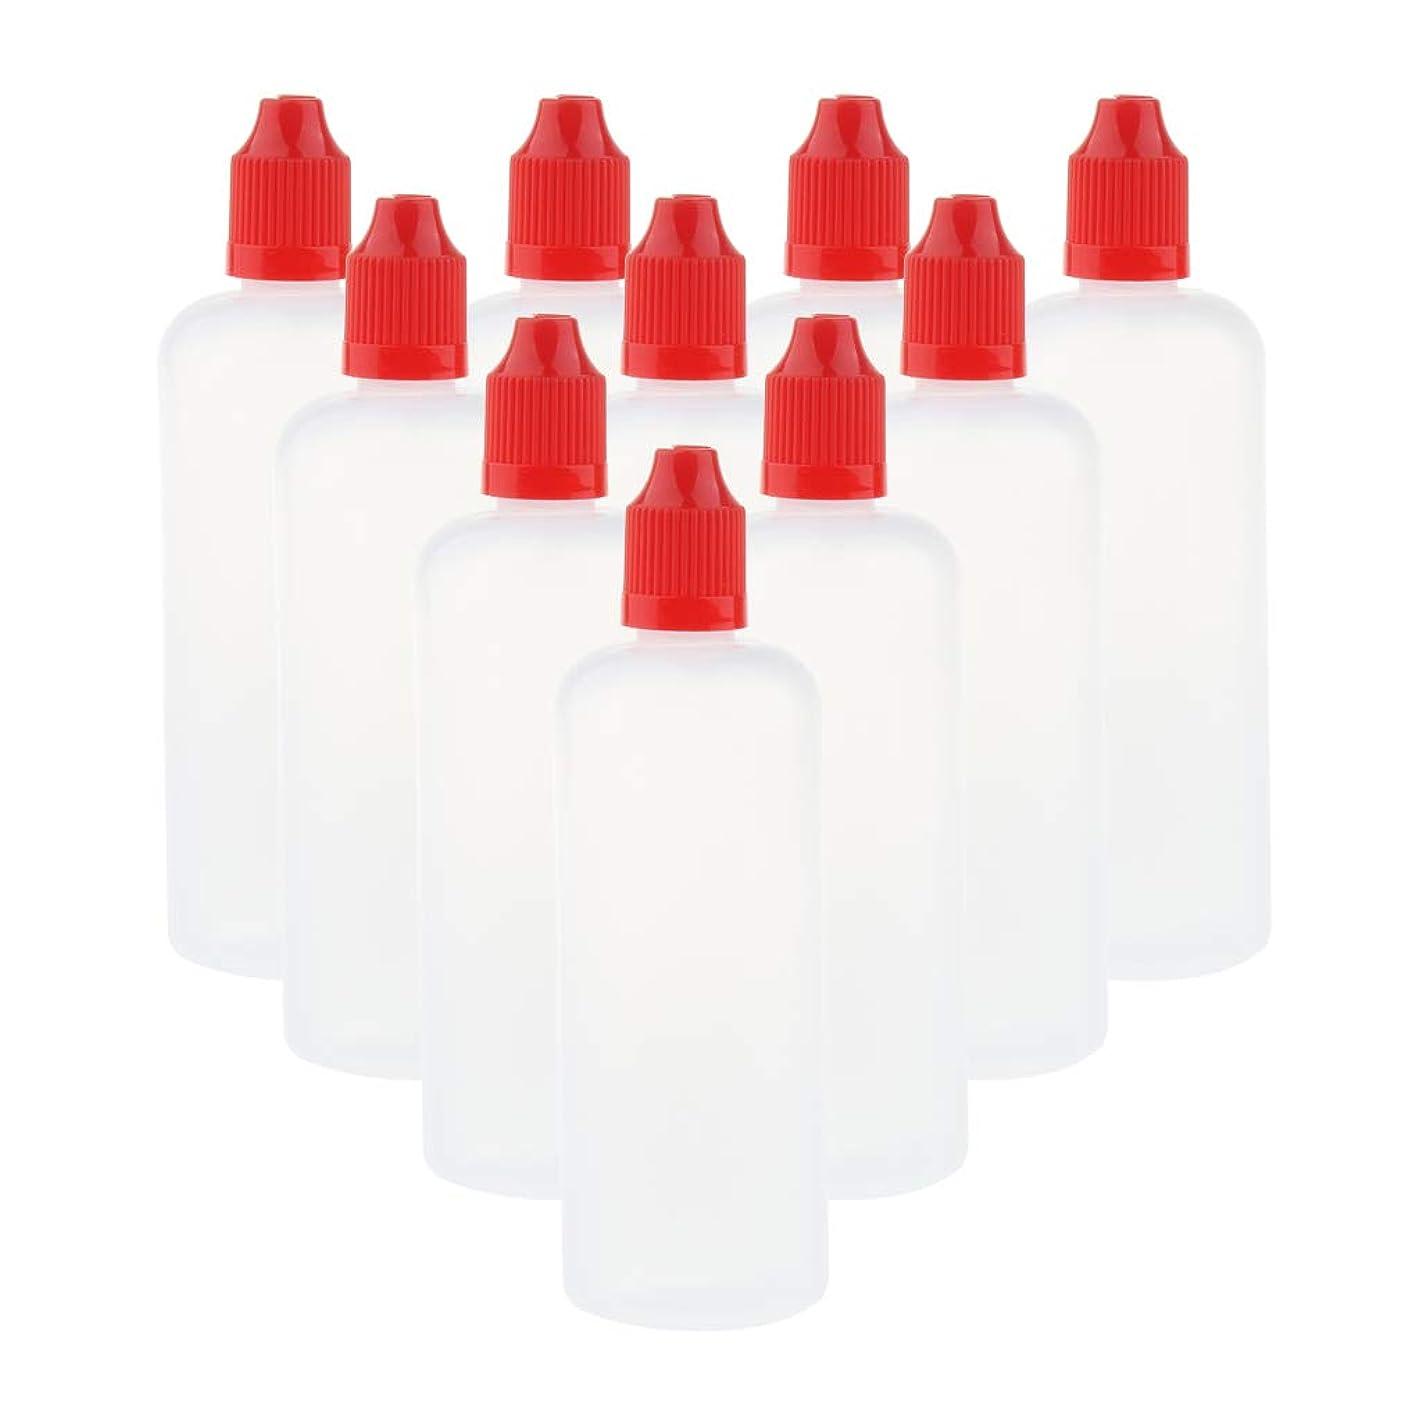 グレードマントル混乱したD DOLITY 10個 空ボトル 点滴器 点眼瓶 液体容器 溶剤ボトル 液体芳香剤 詰替え 120ミリ 全6色 - 赤